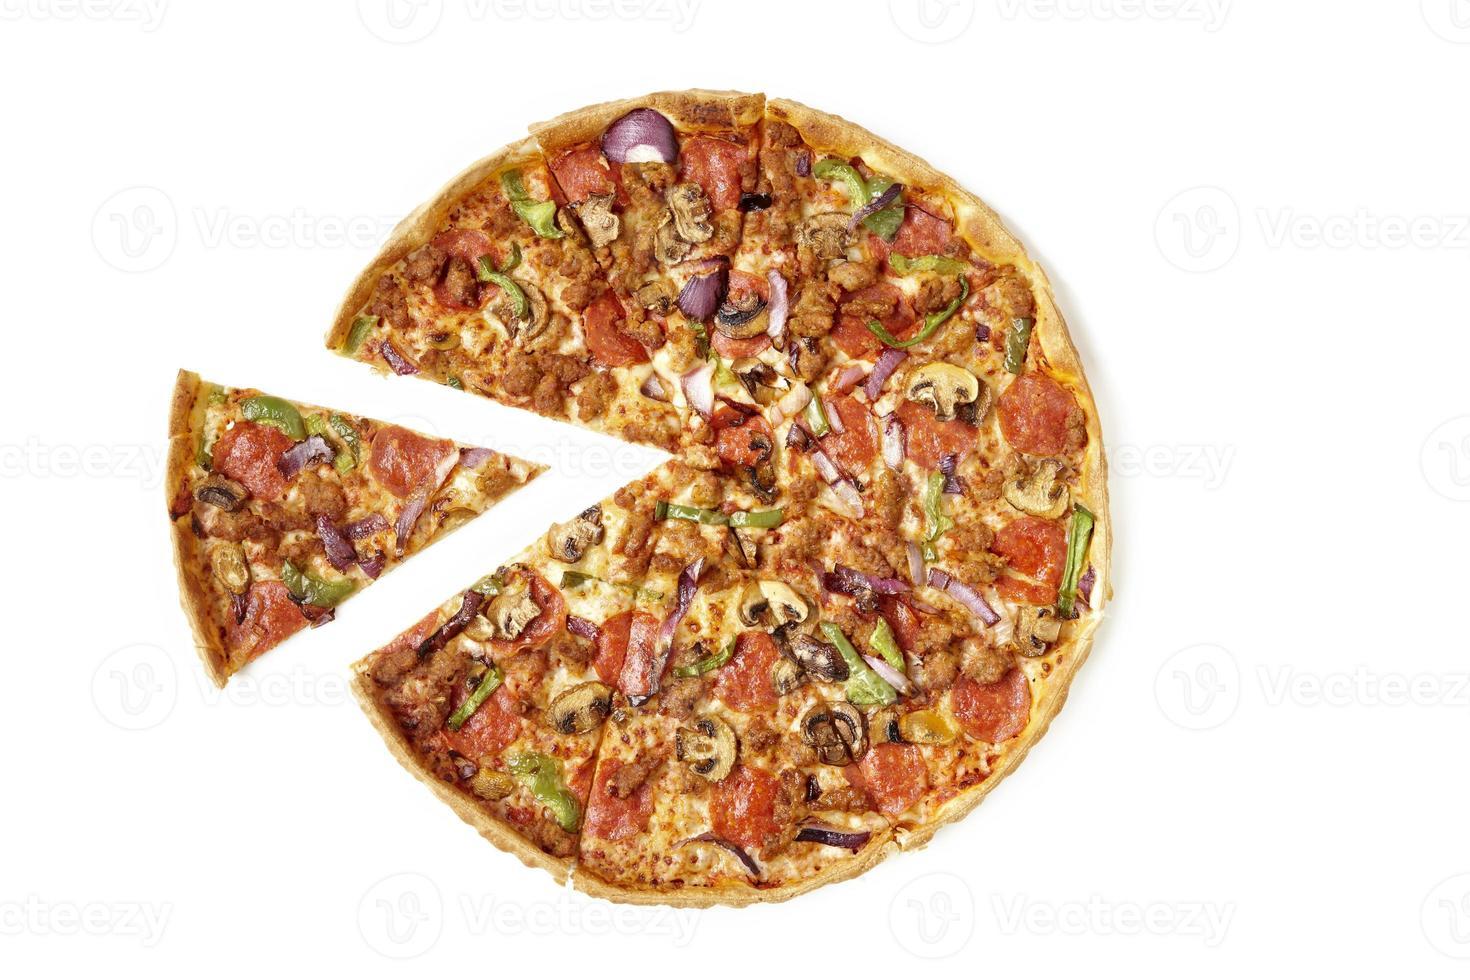 grönsaks- och pepperonipizza foto